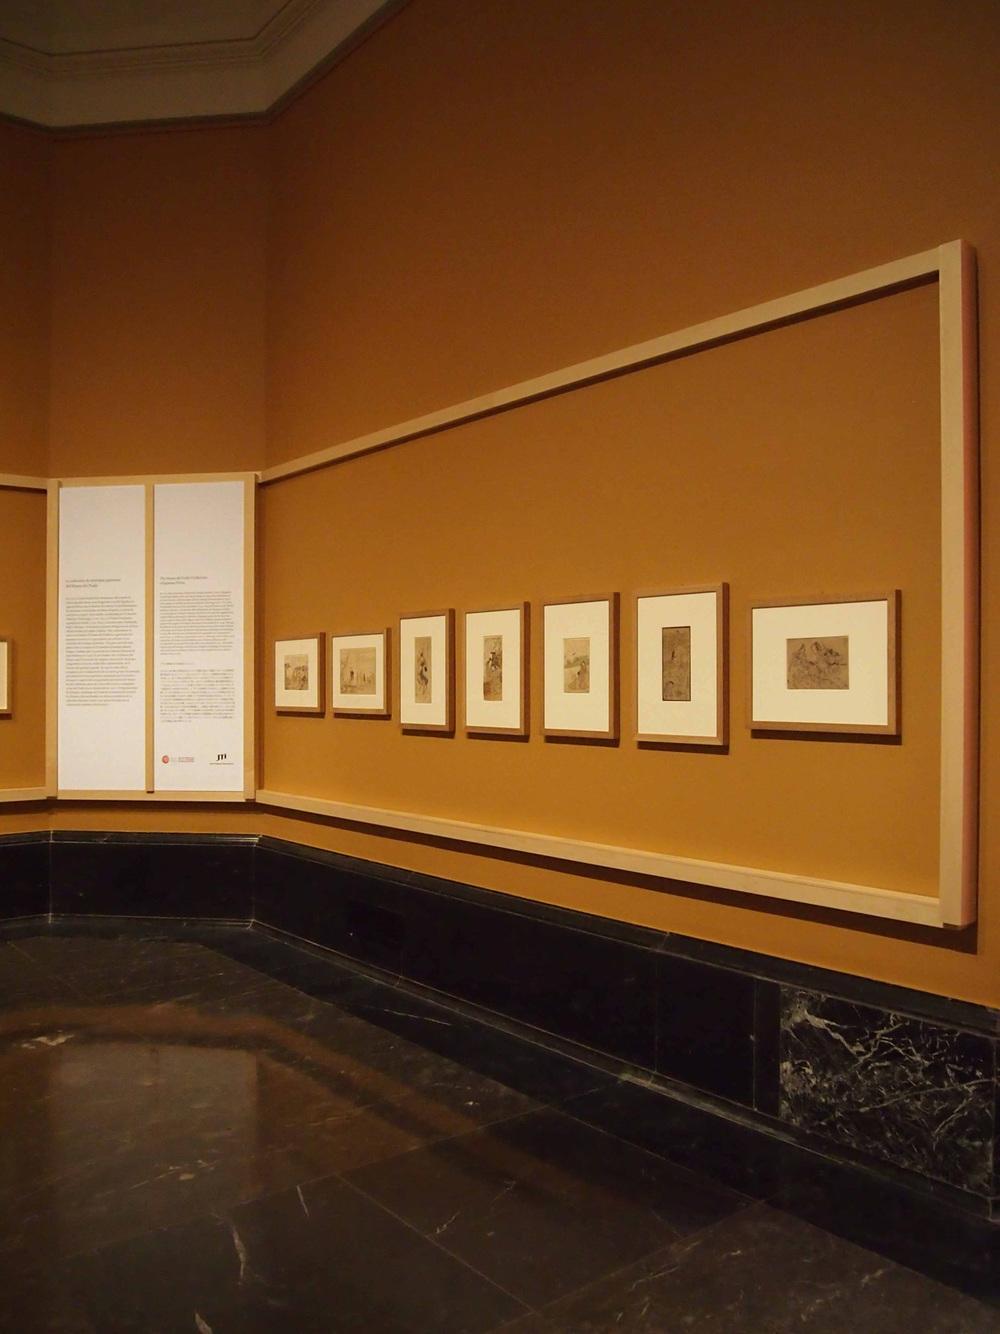 Biombos_y_Estampas_Japonesas_Museo_Nacional_del_Prado_8.jpg